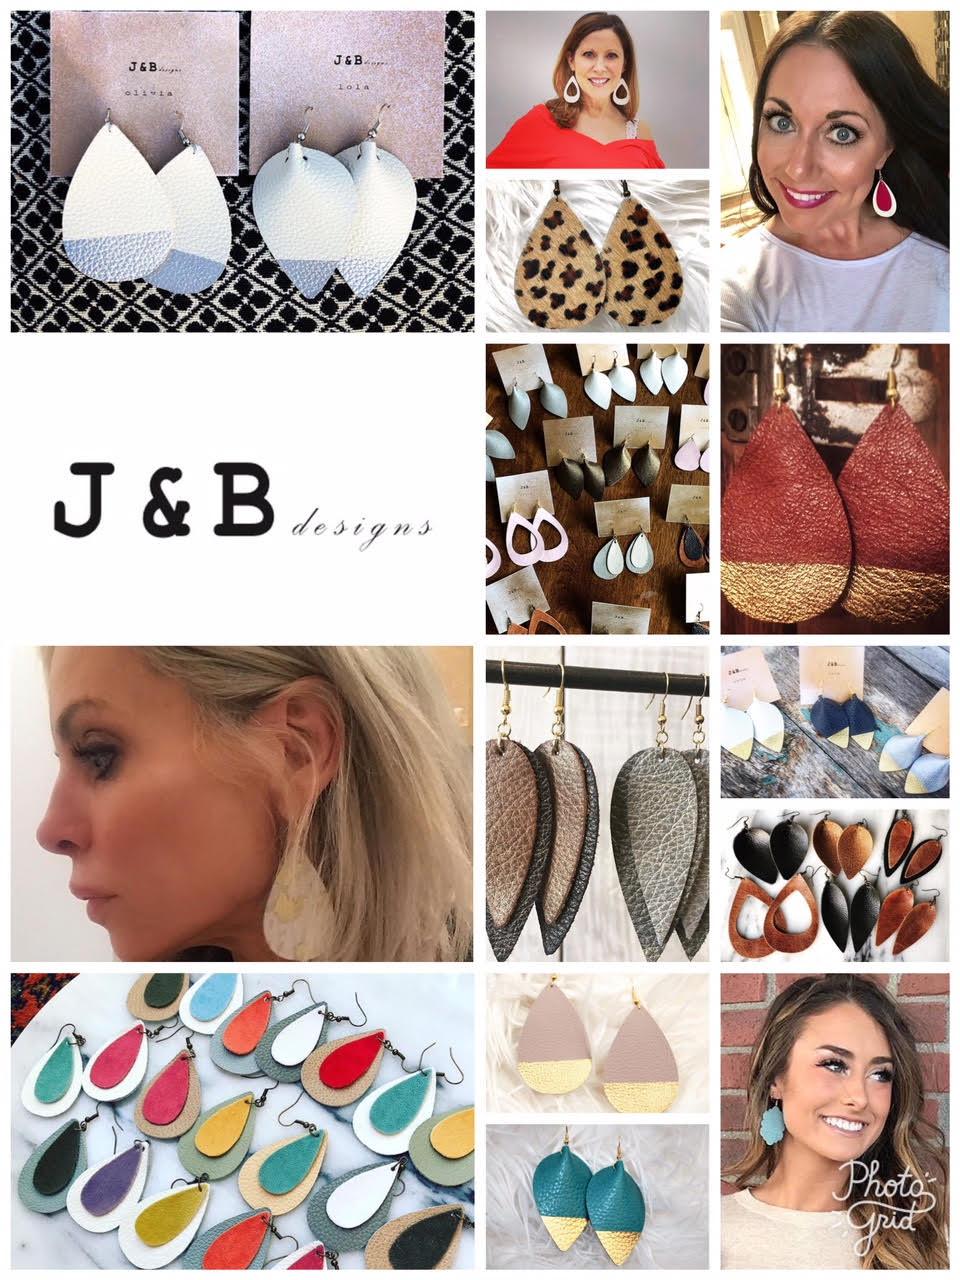 jb designsunnamed.jpg